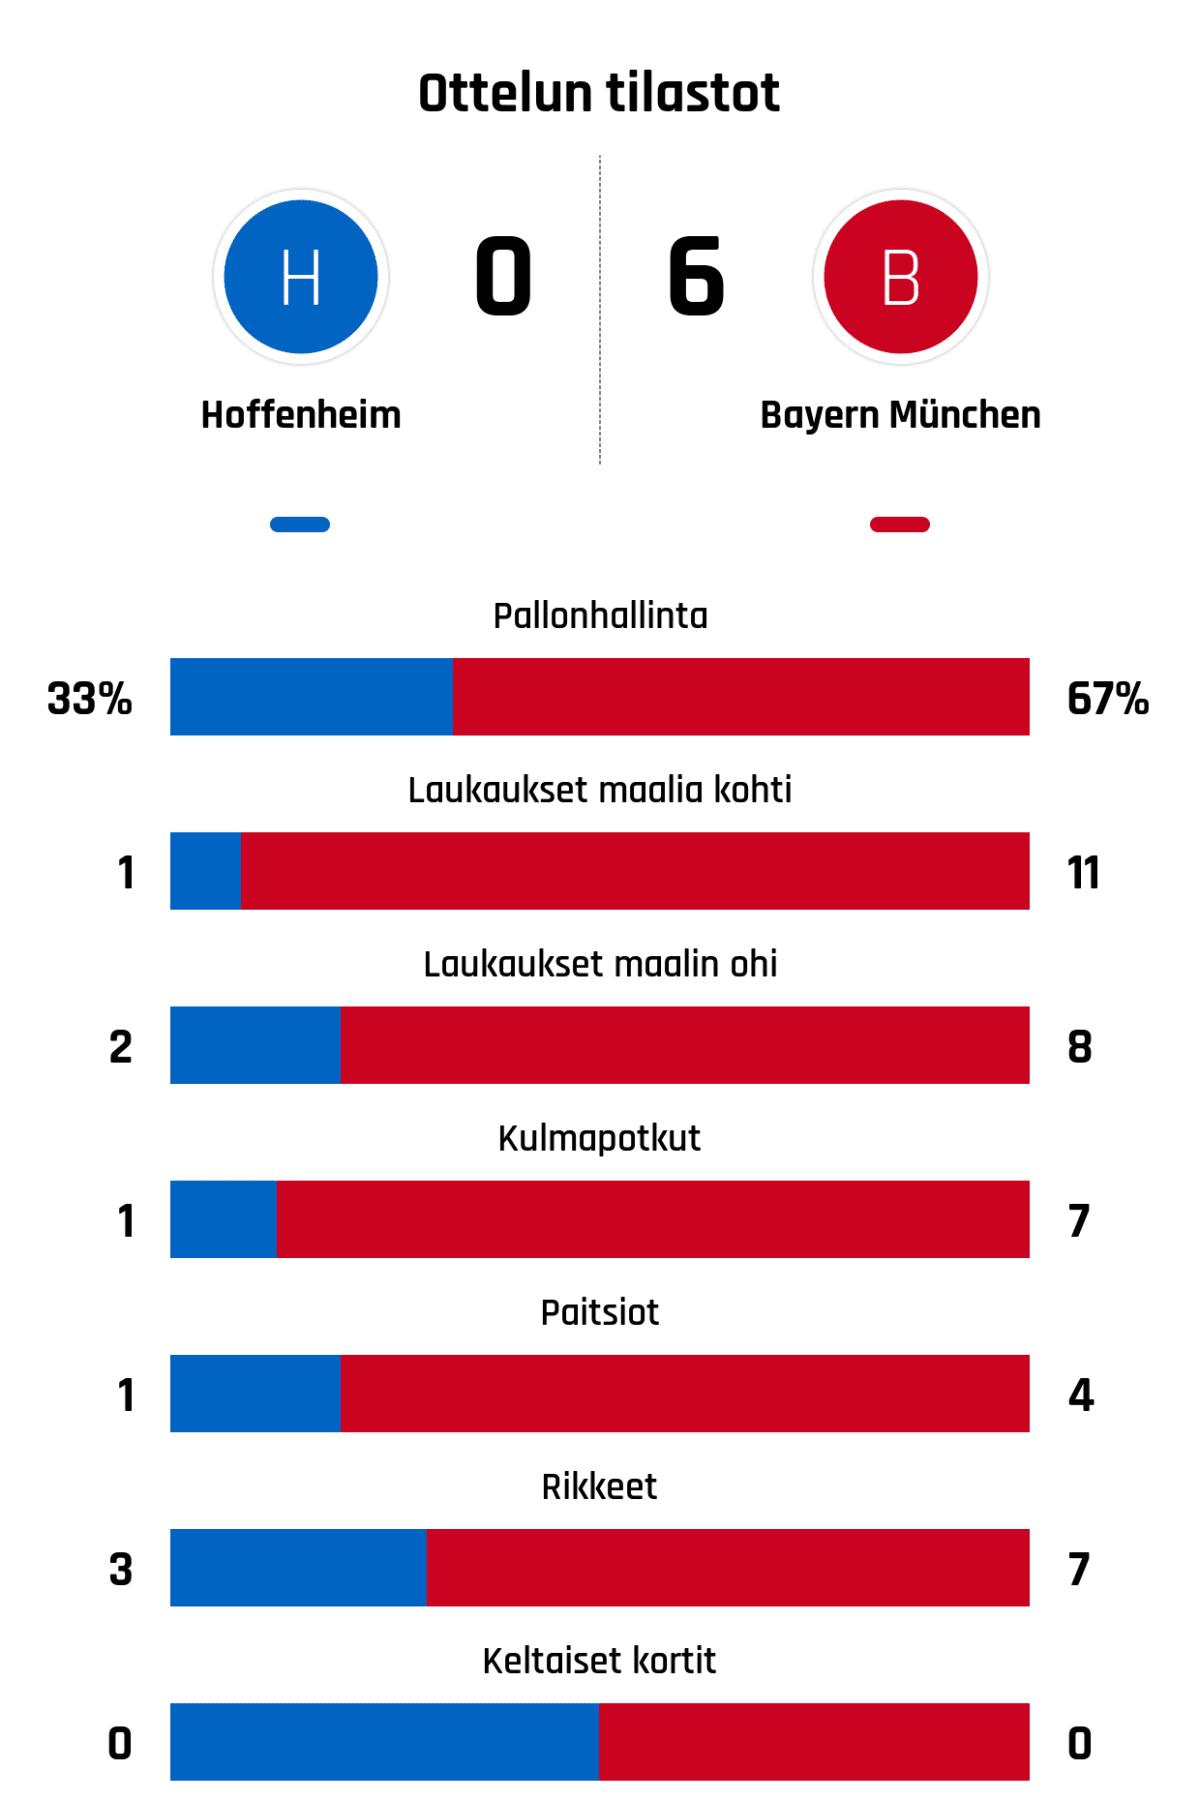 Pallonhallinta 33%-67% Laukaukset maalia kohti 1-11 Laukaukset maalin ohi 2-8 Kulmapotkut 1-7 Paitsiot 1-4 Rikkeet 3-7 Keltaiset kortit 0-0